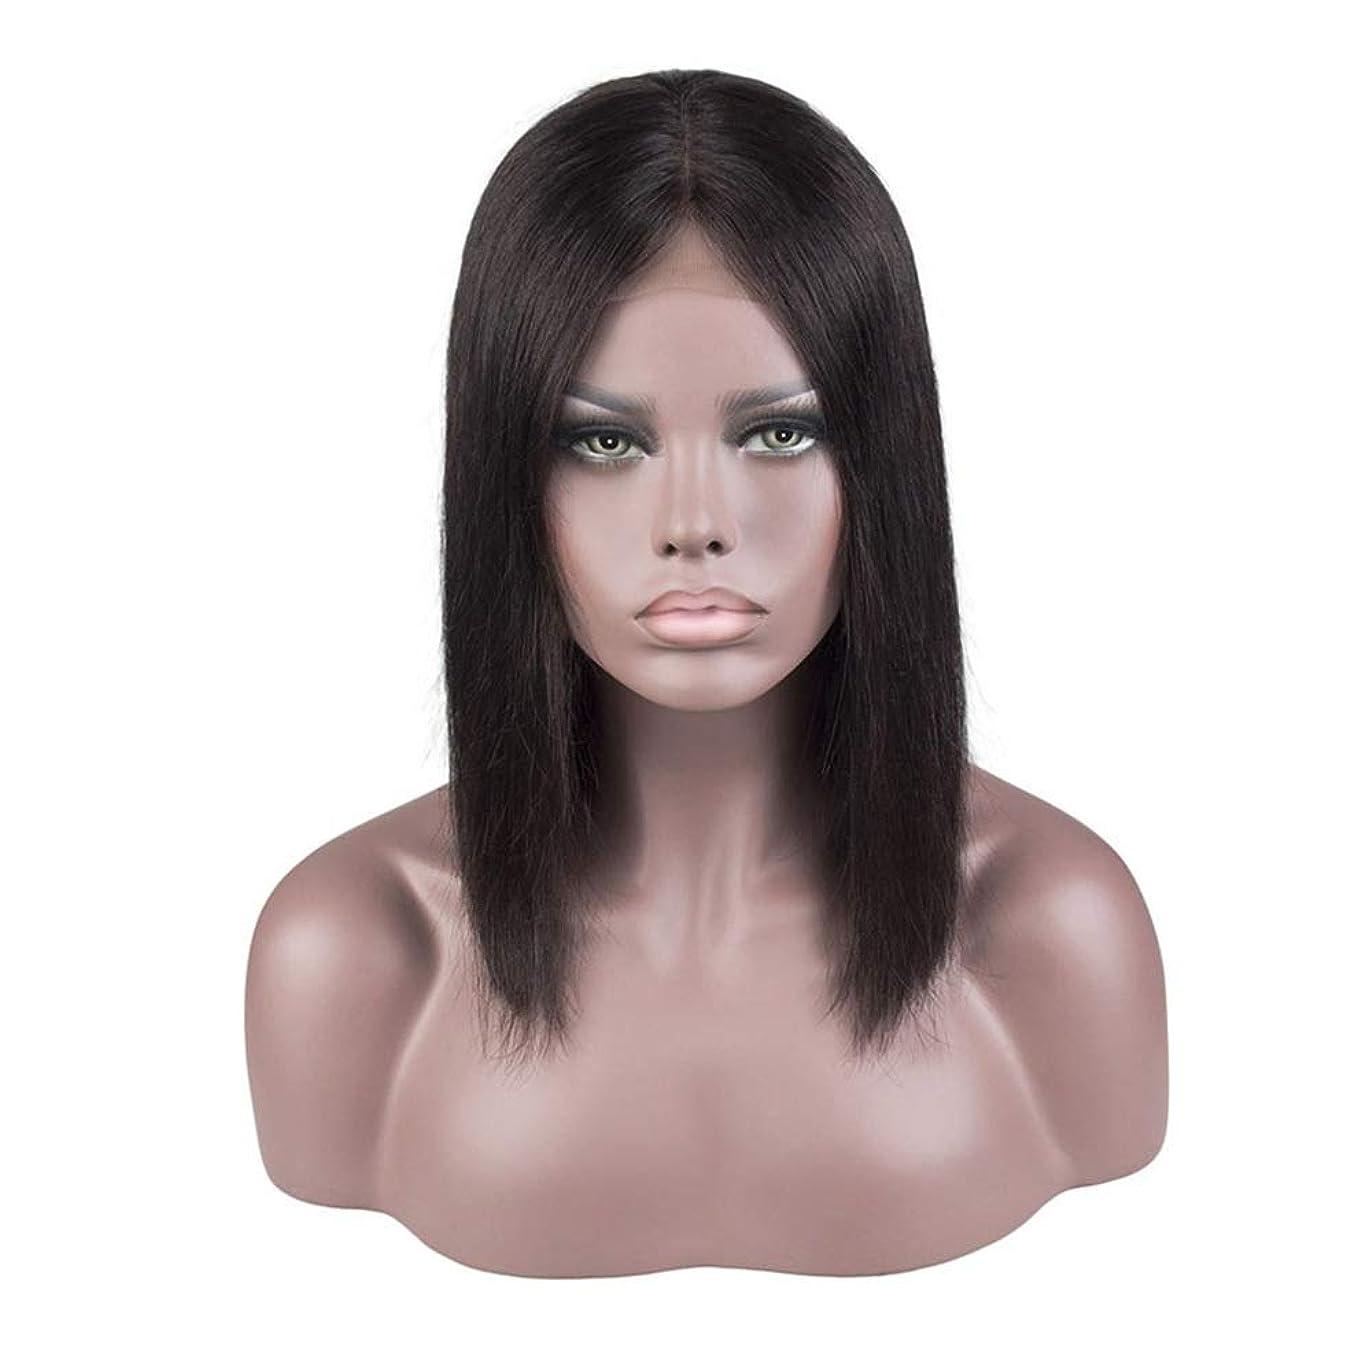 ハング舌な首Isikawan レース閉鎖ブラジルバージン人間の髪の毛の閉鎖ナチュラルカラー4×4ディープミドルパートボブストレート (色 : ブラック, サイズ : 10 inch)